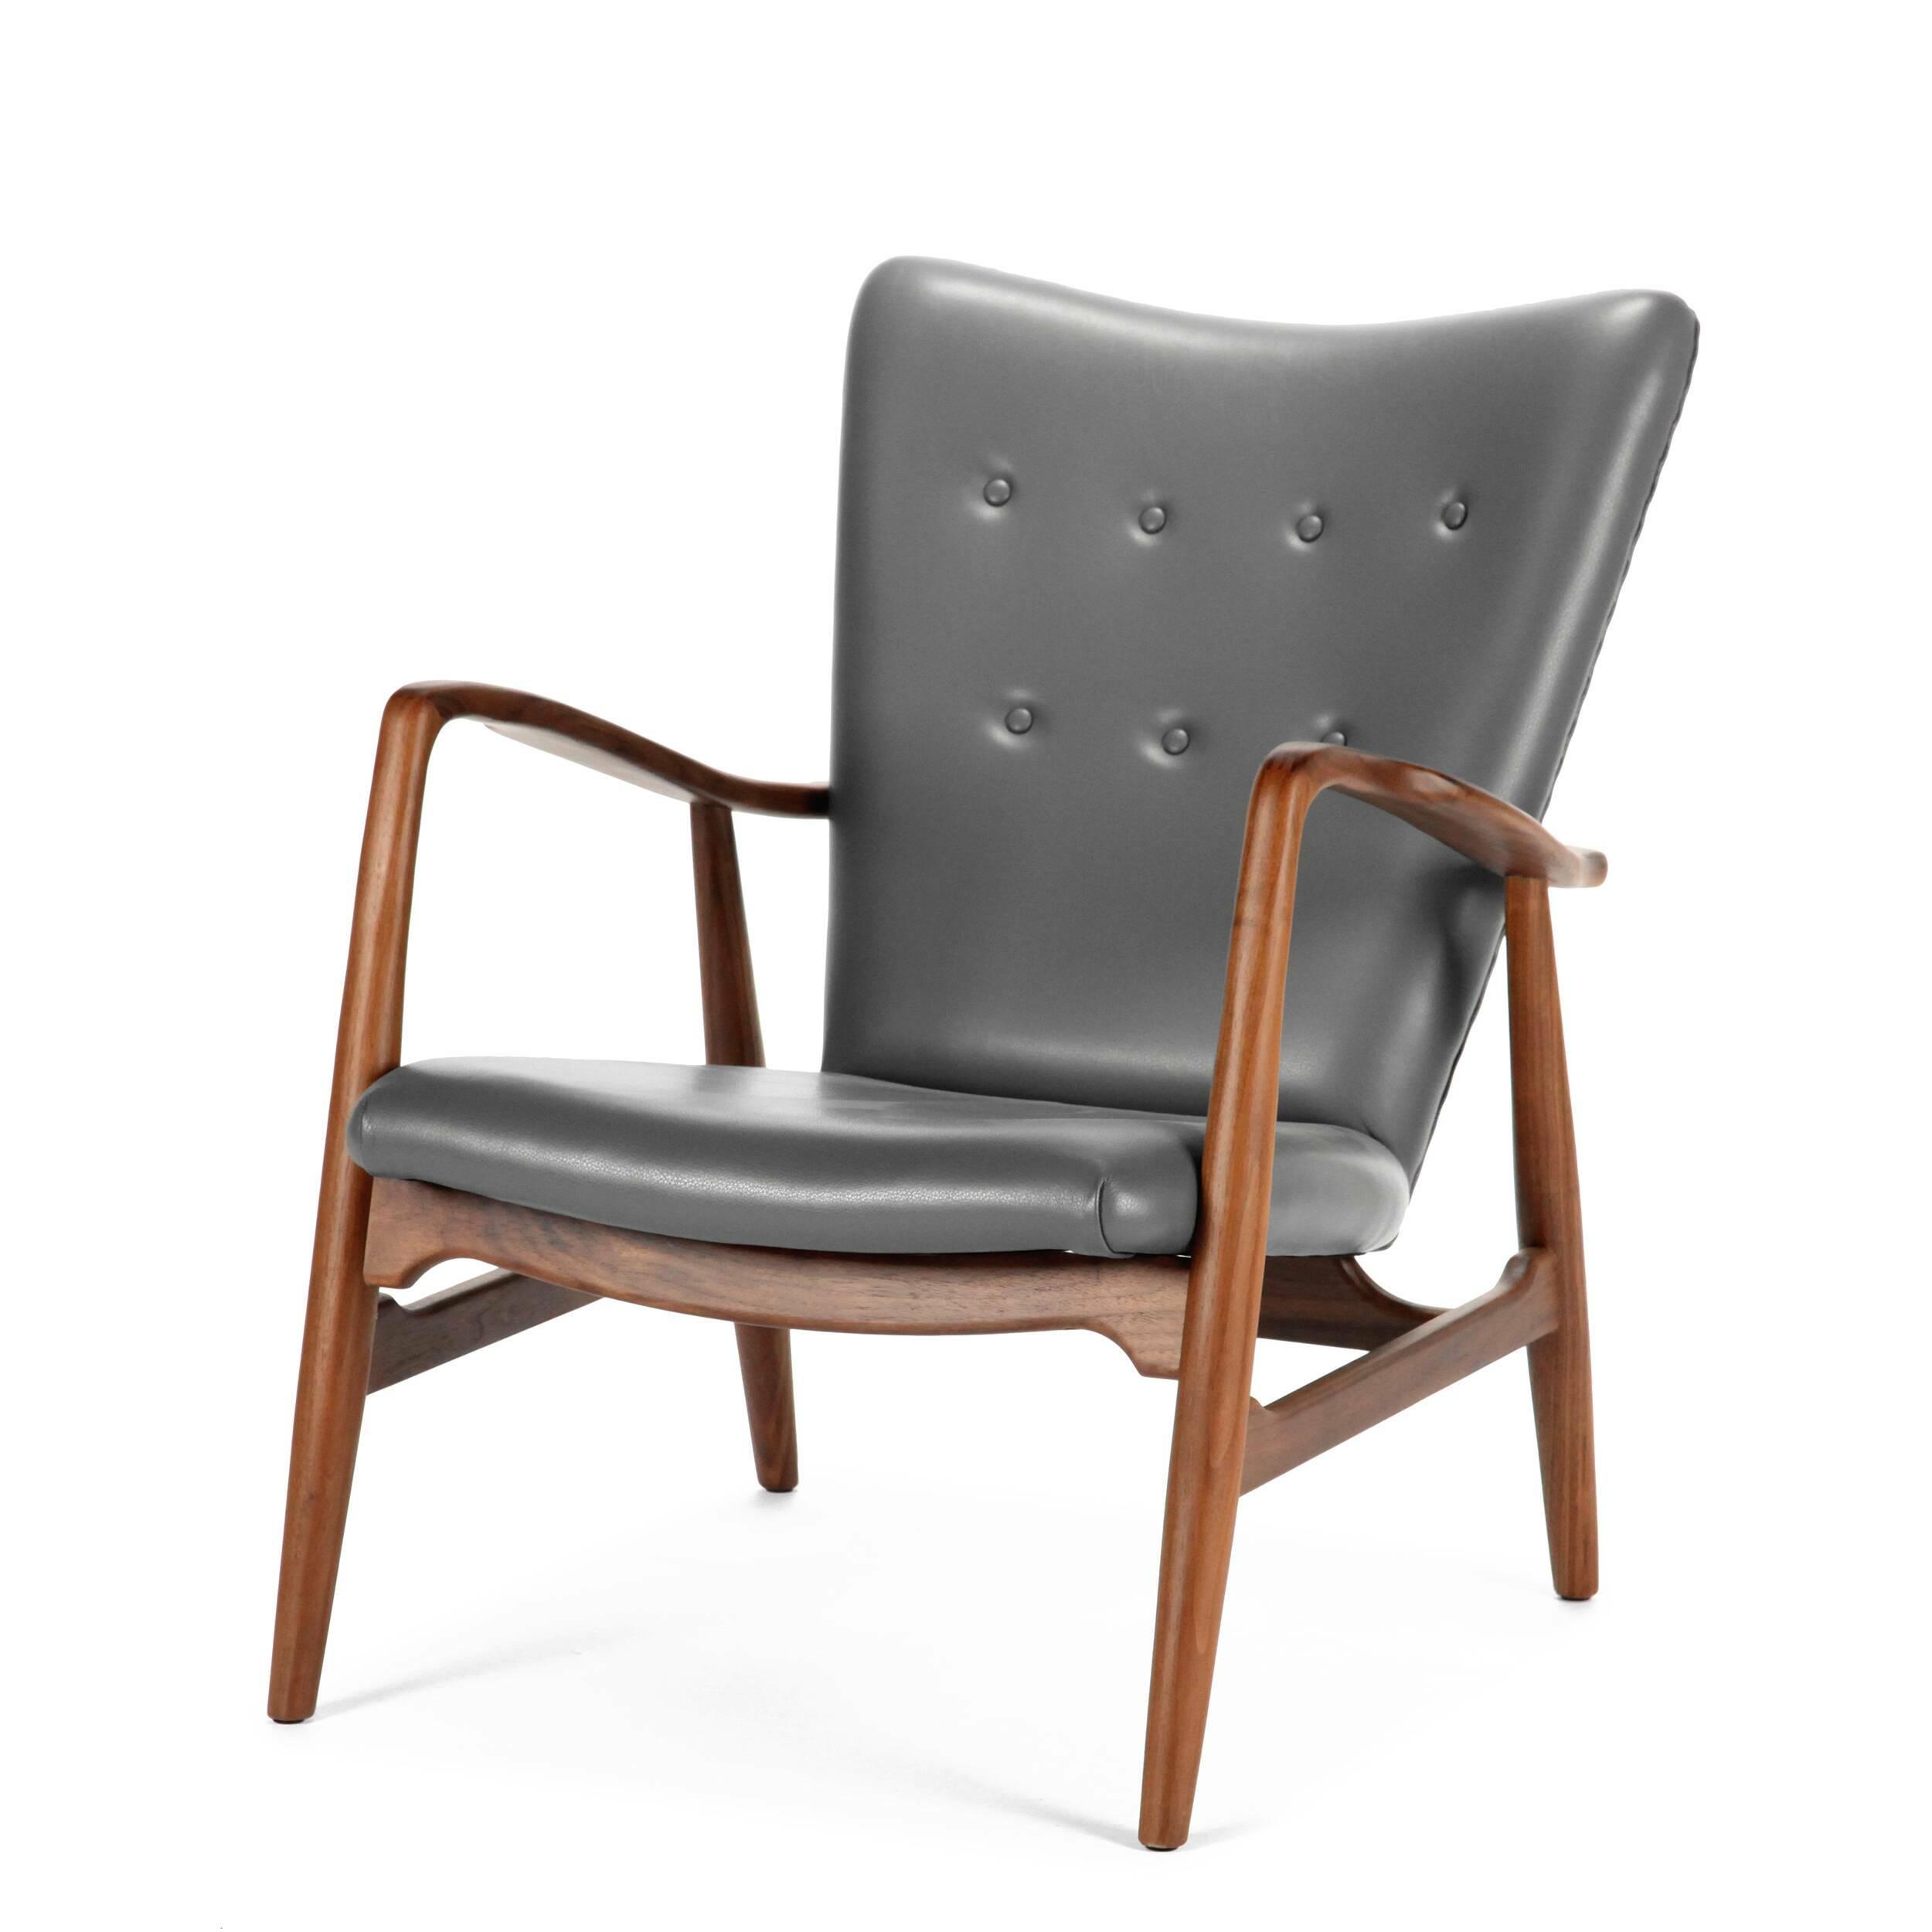 Кресло DelightsИнтерьерные<br>Строгая классика и стильный дизайн — это именно то, что сейчас так ценят в интерьере офиса или рабочего кабинета. Именно мебель задает атмосферу в помещении, ее цветовую гамму и настроение. Хотите, чтобы при входе в помещение вас сразу начинали посещать нужные мысли? Тогда нужно с умом подобрать необходимую мебель.<br><br><br> Кресло Delights обладает именно тем деловым шармом, который так важен на рабочем месте. Спинка кресла слегка откинута назад, за счет чего очень удобна и способствует легк...<br><br>stock: 0<br>Высота: 80,5<br>Высота сиденья: 38<br>Ширина: 67<br>Глубина: 84<br>Материал каркаса: Массив ореха<br>Тип материала каркаса: Дерево<br>Коллекция ткани: Harry Leather<br>Тип материала обивки: Кожа<br>Цвет обивки: Темно-серый<br>Цвет каркаса: Орех американский